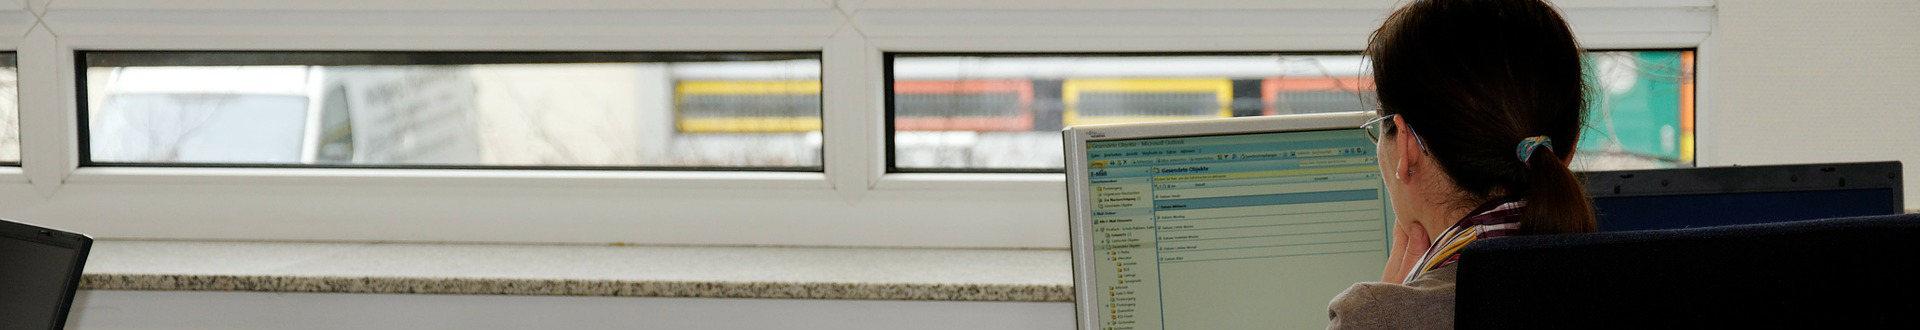 Jobcenter mitarbeiterin berichtet - Jobcenter Mitarbeiterin berichtet aus dem Alltag